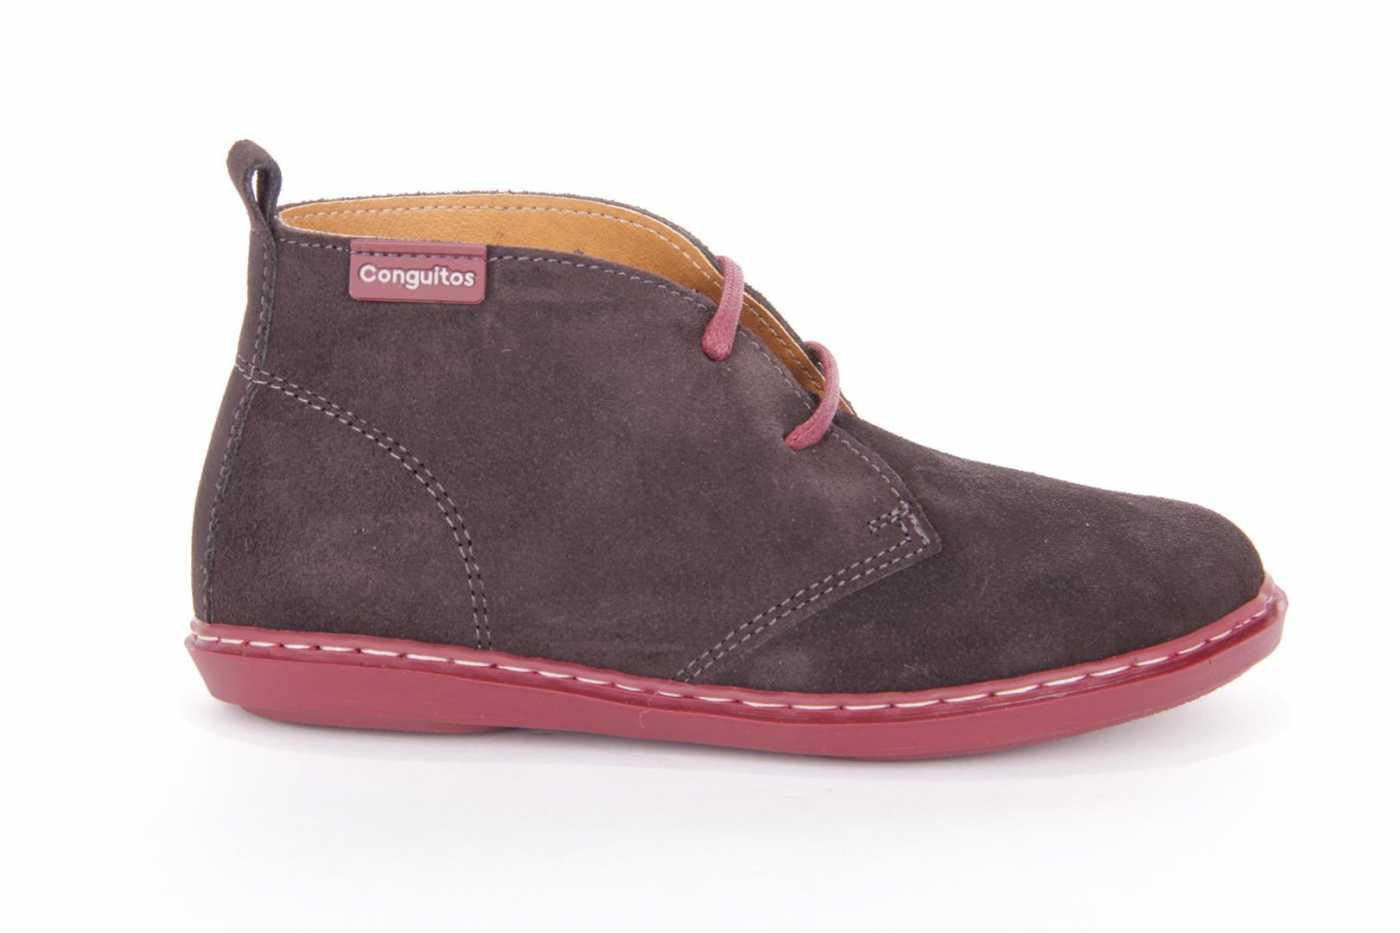 23d639491b8 Comprar zapato tipo JOVEN NIÑO estilo BOTAS COLOR GRIS SERRAJE ...